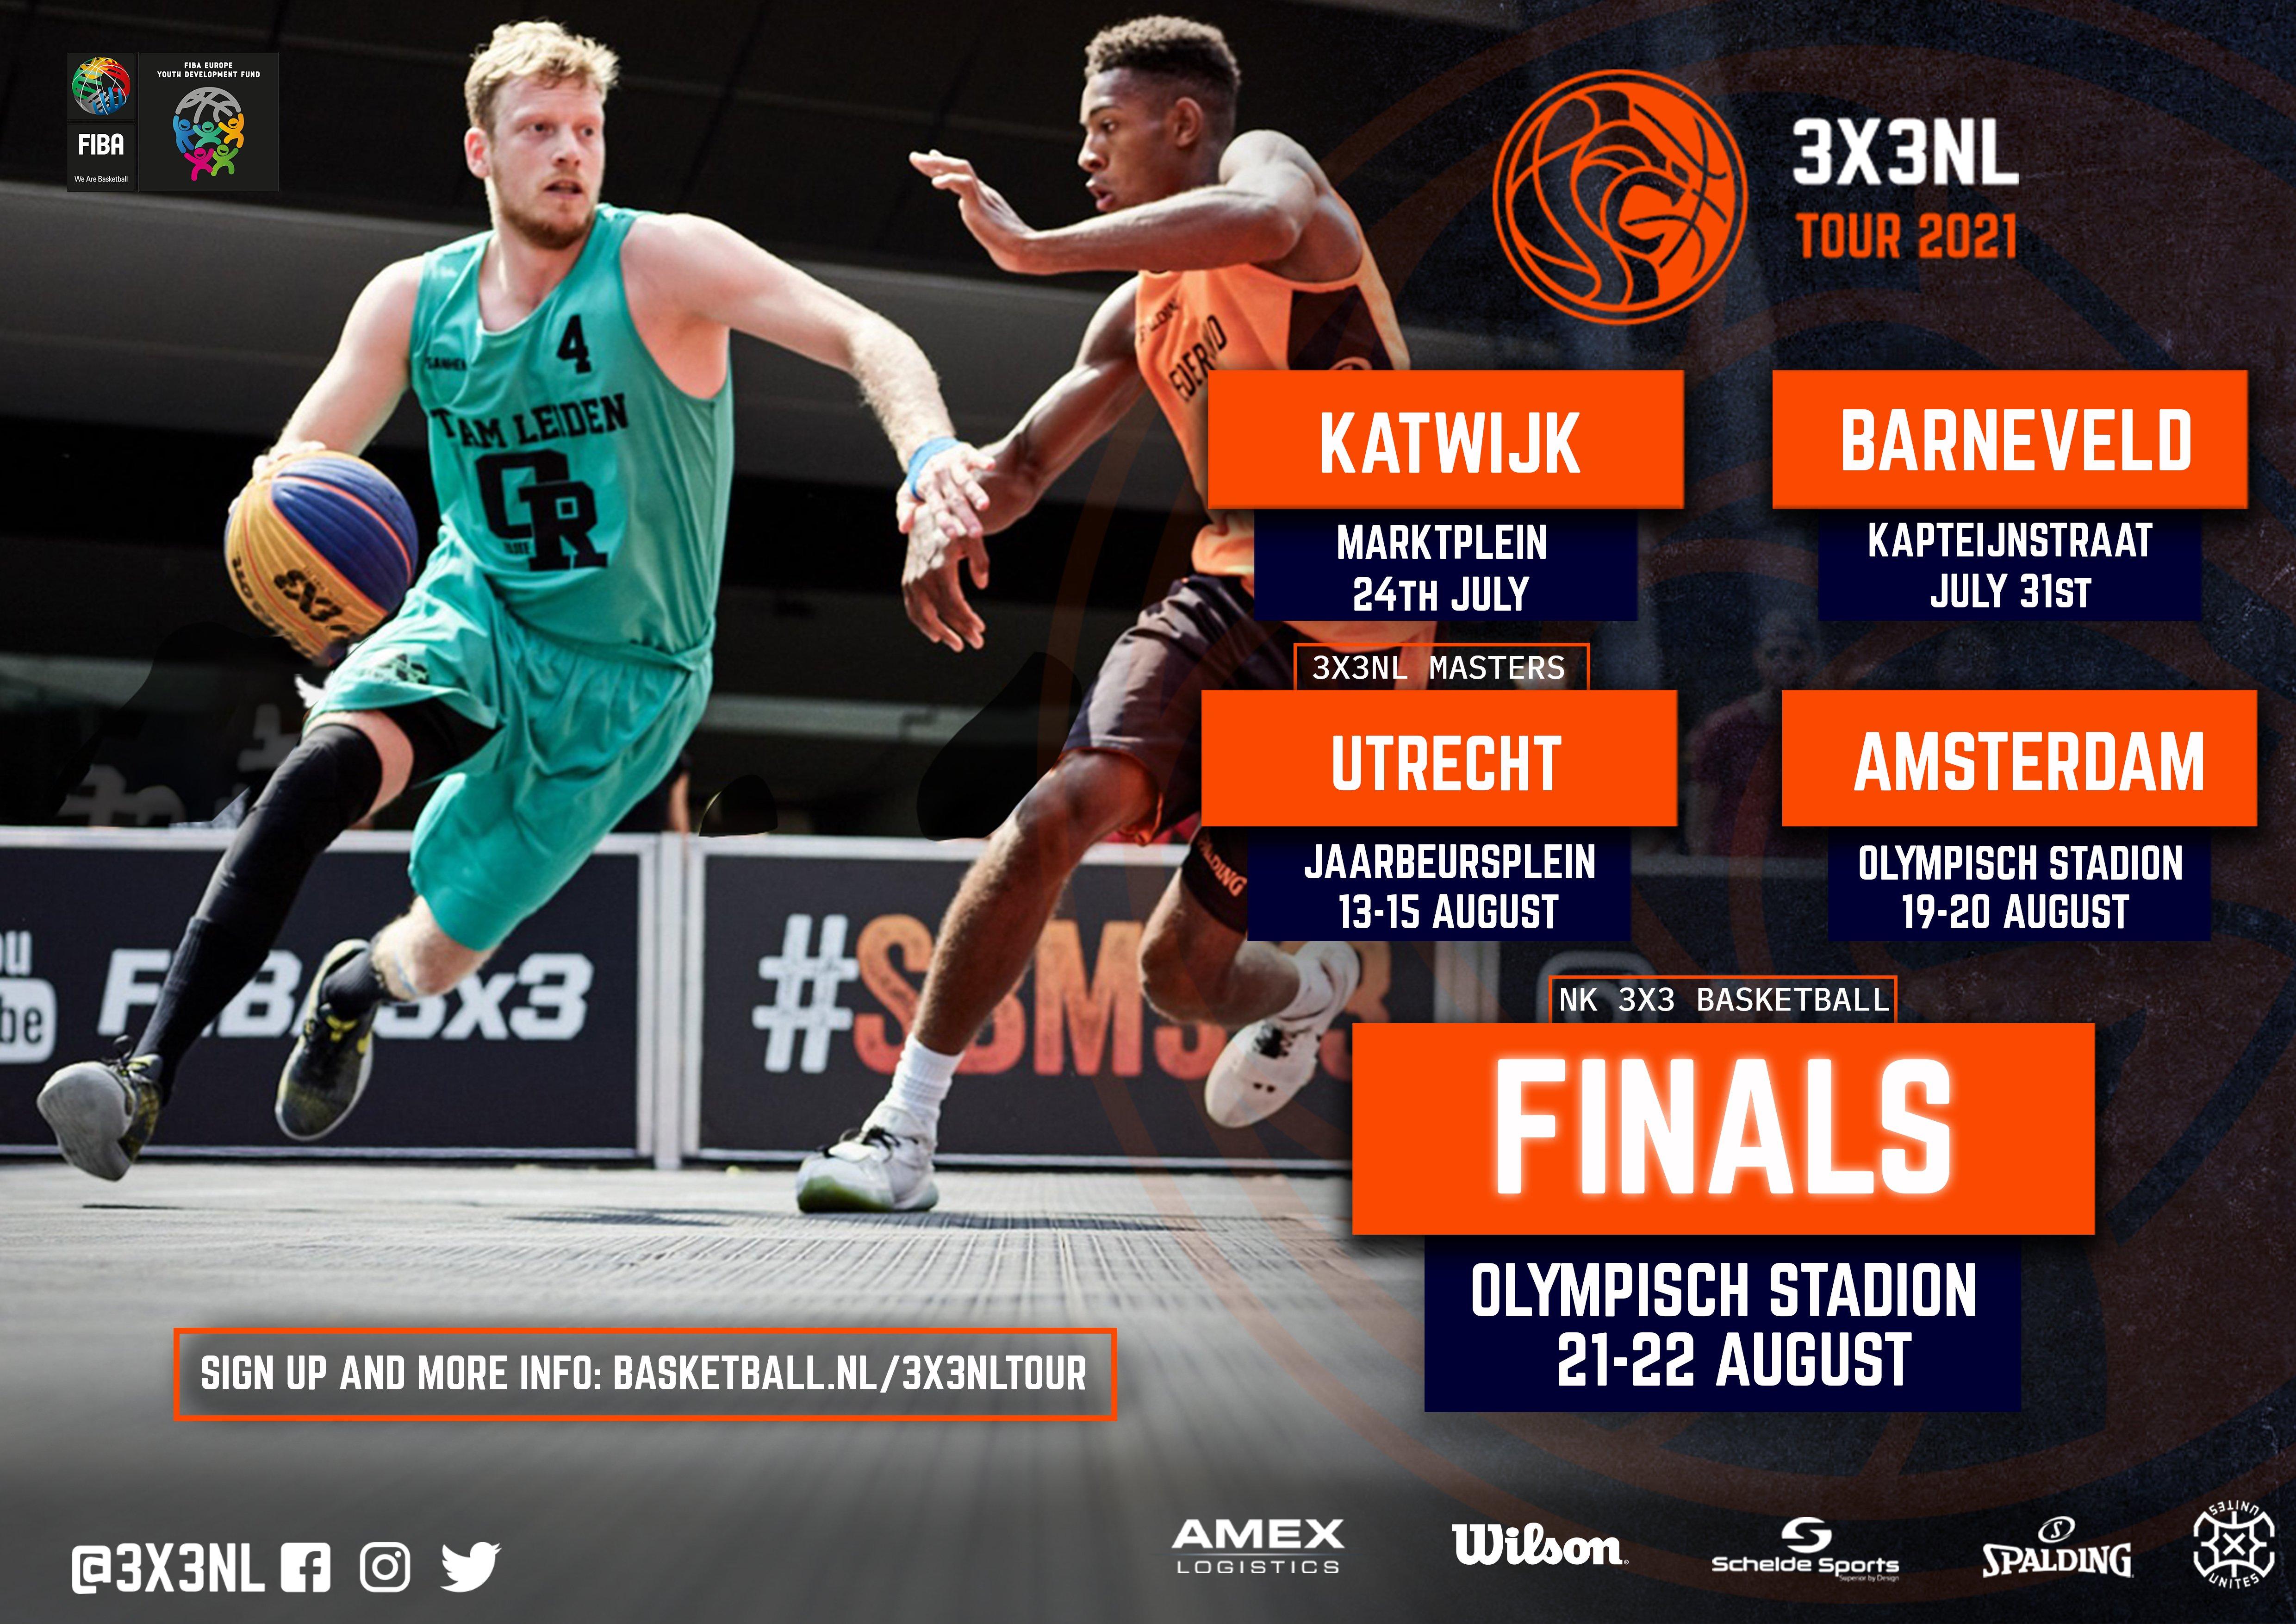 3x3 nl tour 2021 poster aangepast 16-7.jpg